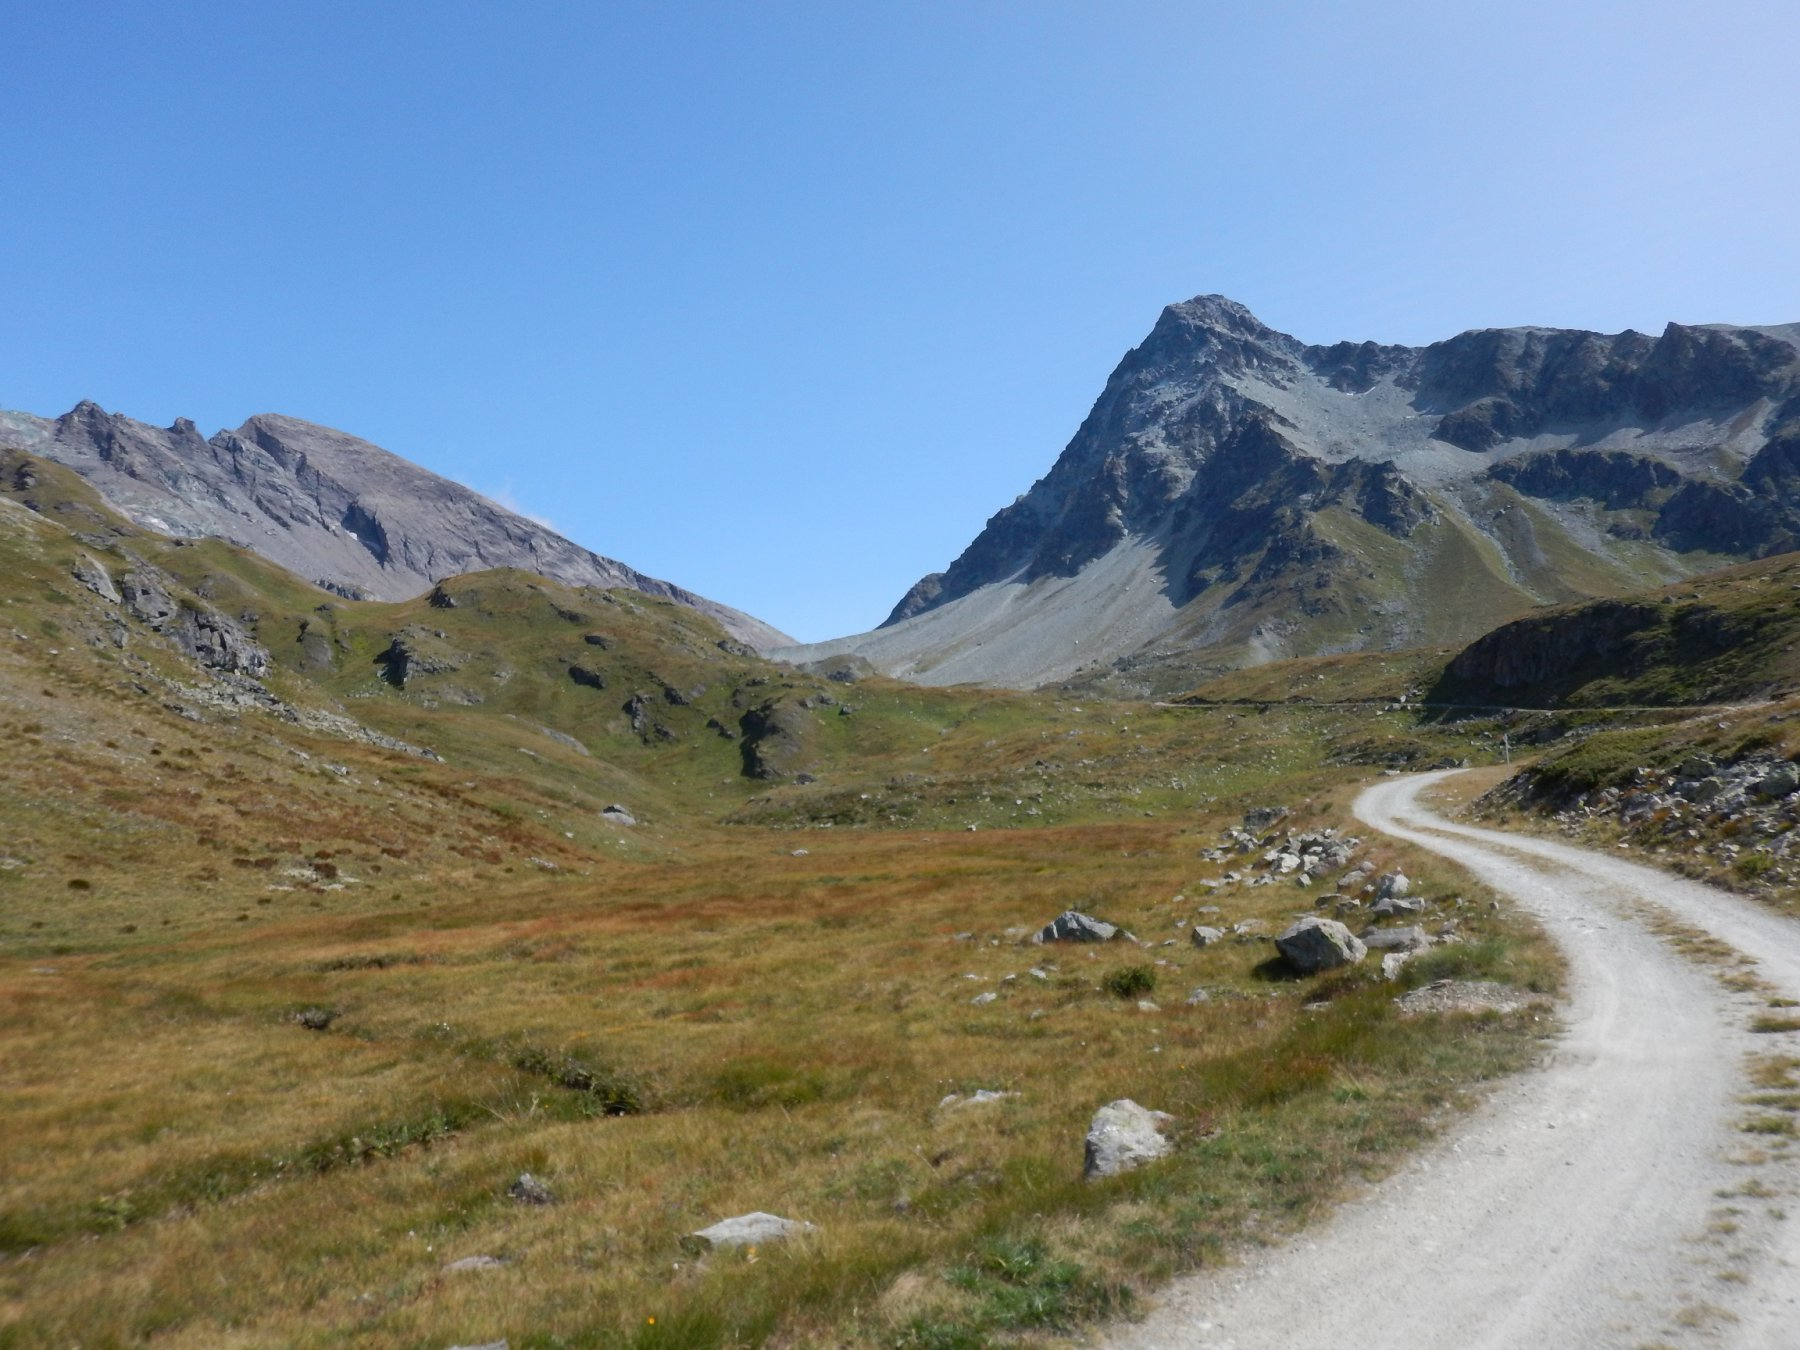 al centro il colle, sulla sinistra il monte avril e a destra il gele